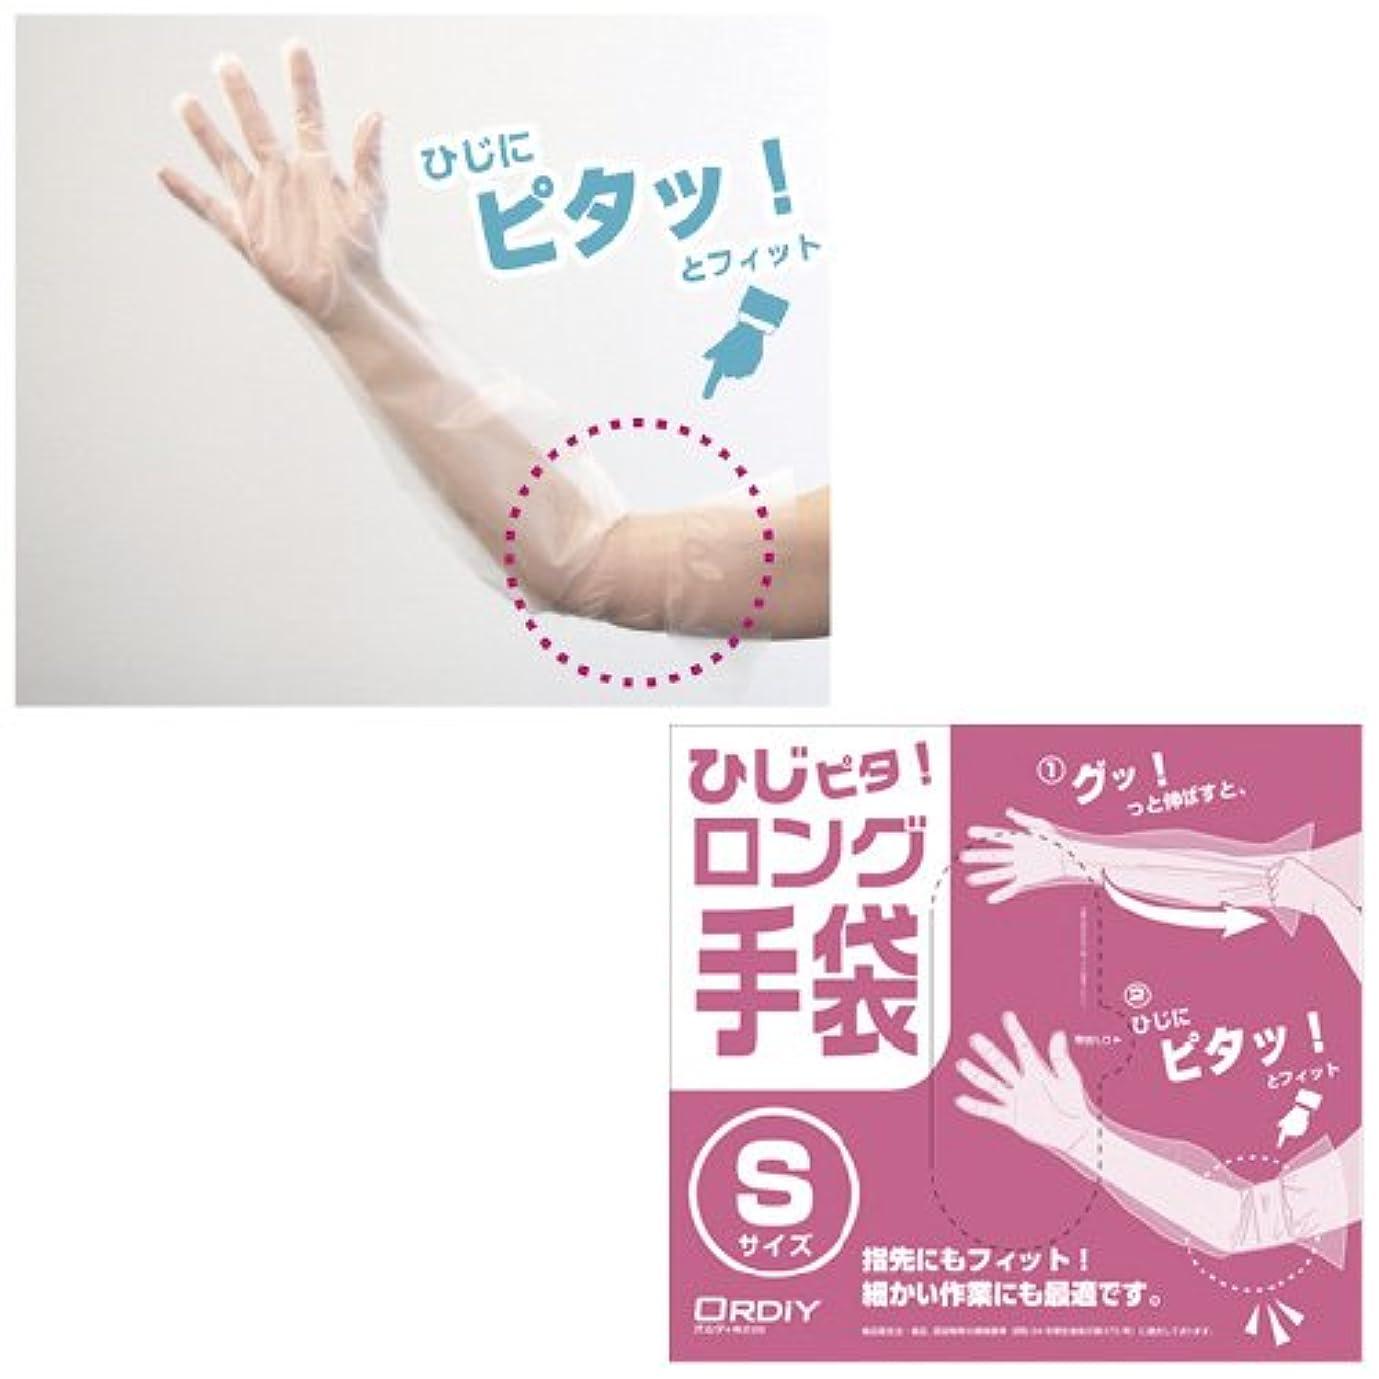 言うまでもなくジャーナリストどう?ひじピタロング手袋(S) HLT-NS-100(100??) ???????????????(24-5452-00)【オルディ】[10箱単位]